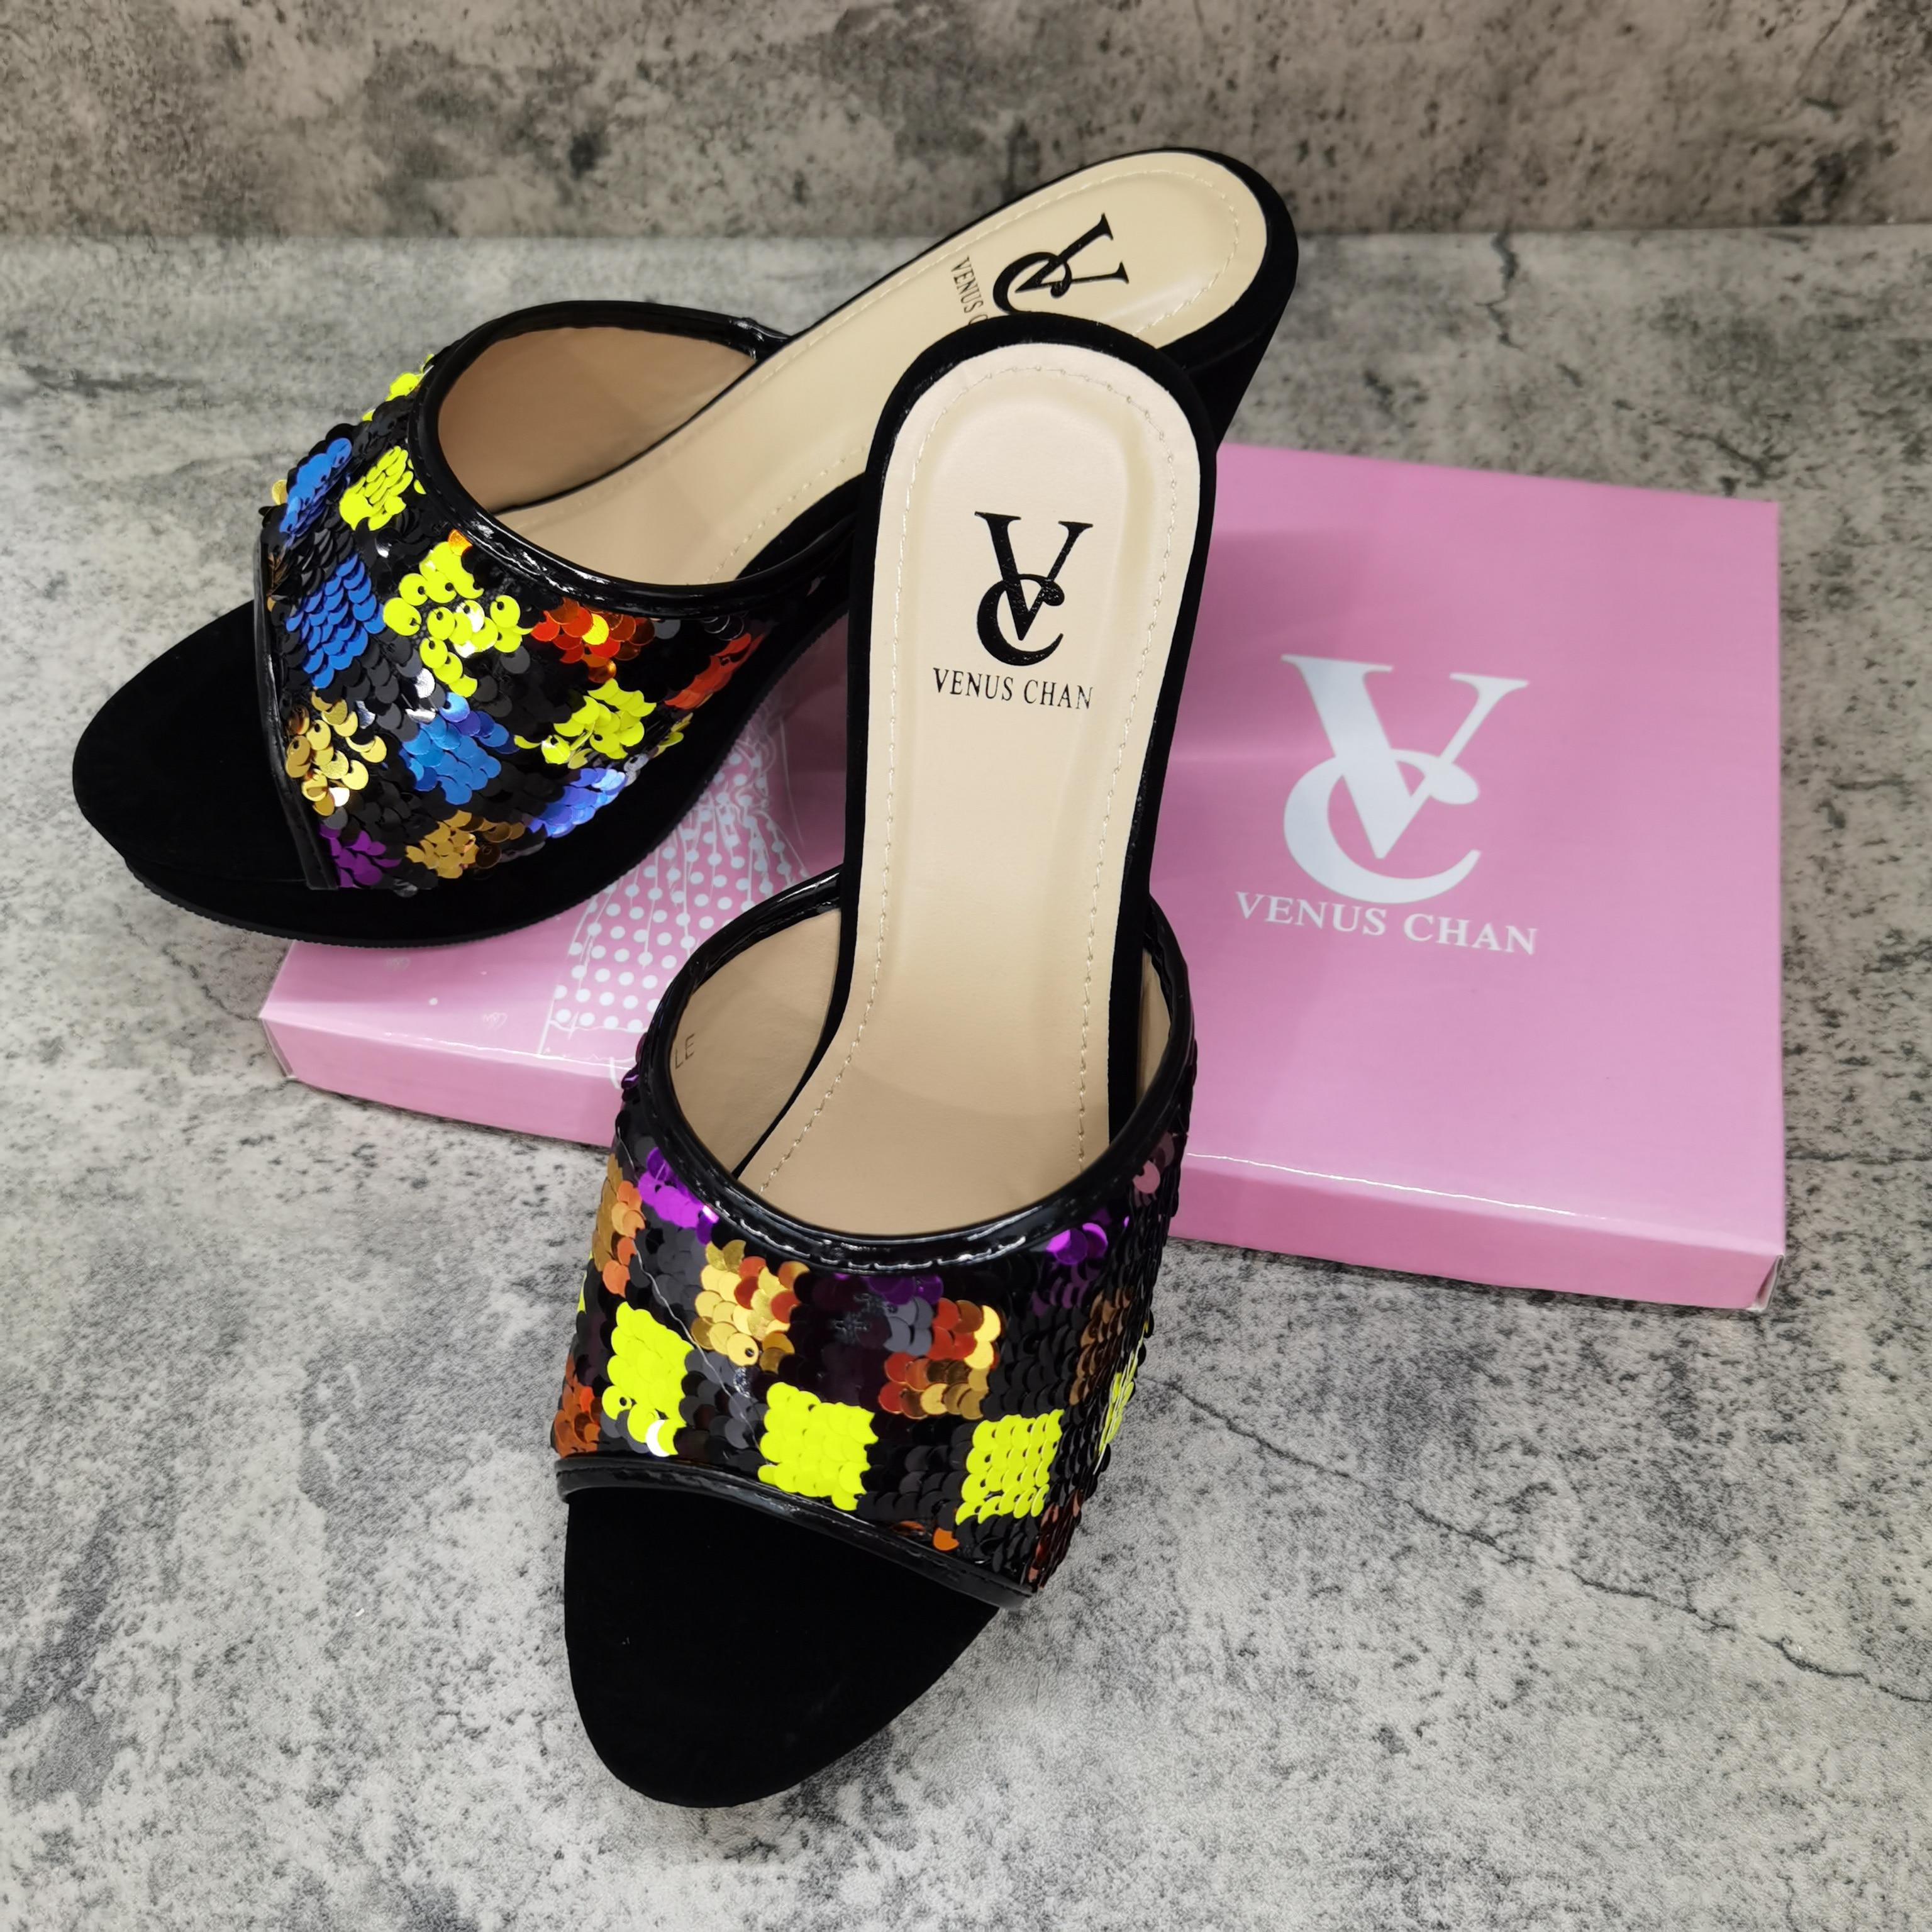 حذاء نسائي نيجيري أنيق ، حذاء كلاسيكي على الطراز الأفريقي ، حذاء متناسق متعدد الألوان للنساء